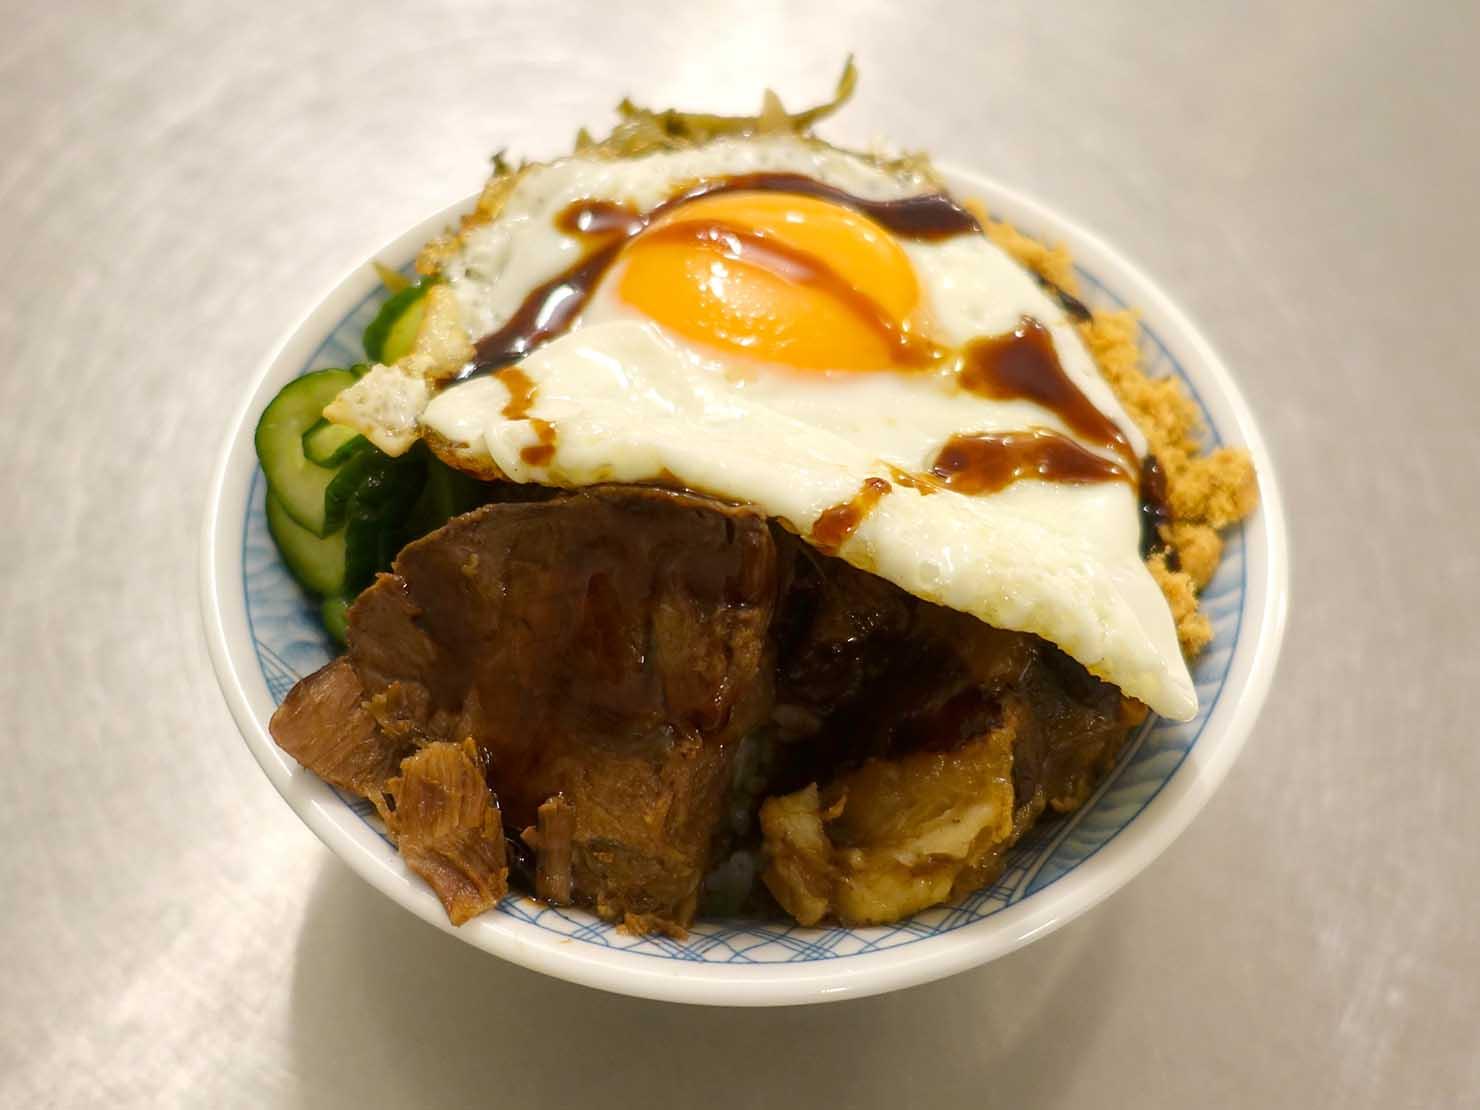 台北・忠孝敦化駅(東區)のおすすめグルメ店「小時候冰菓室」の特級牛魯飯